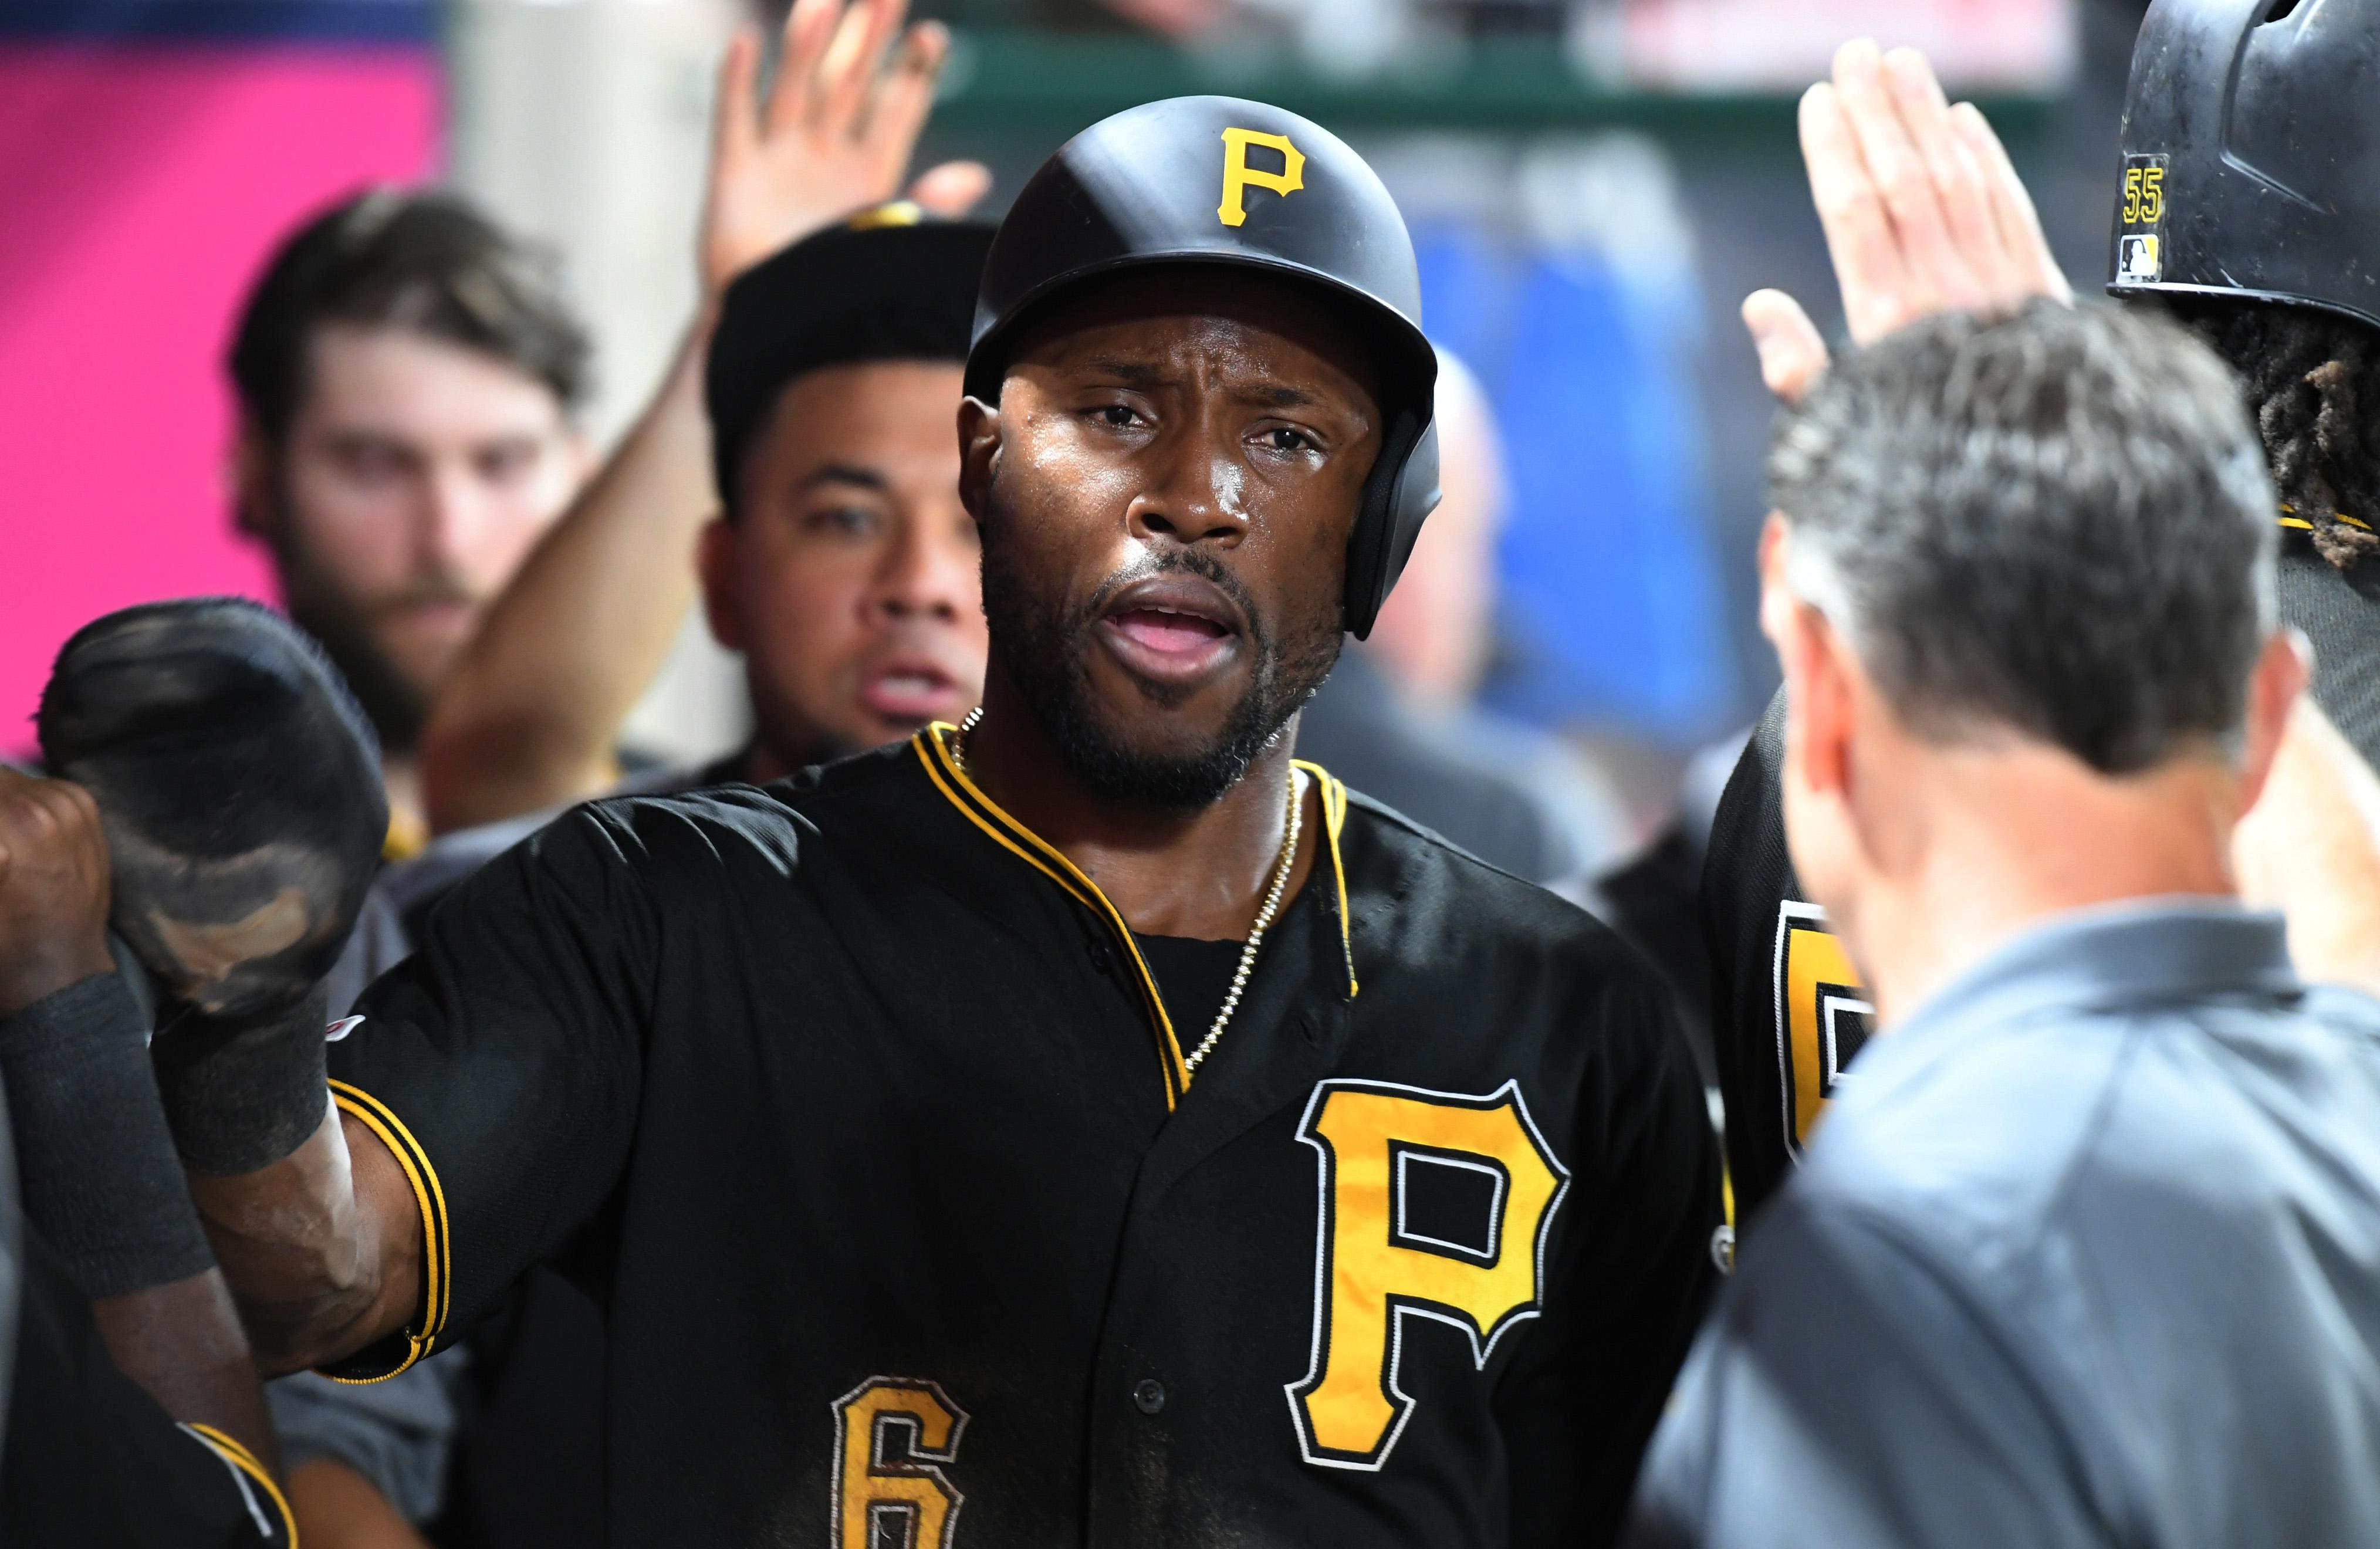 MLB: Pittsburgh Pirates at Los Angeles Angels